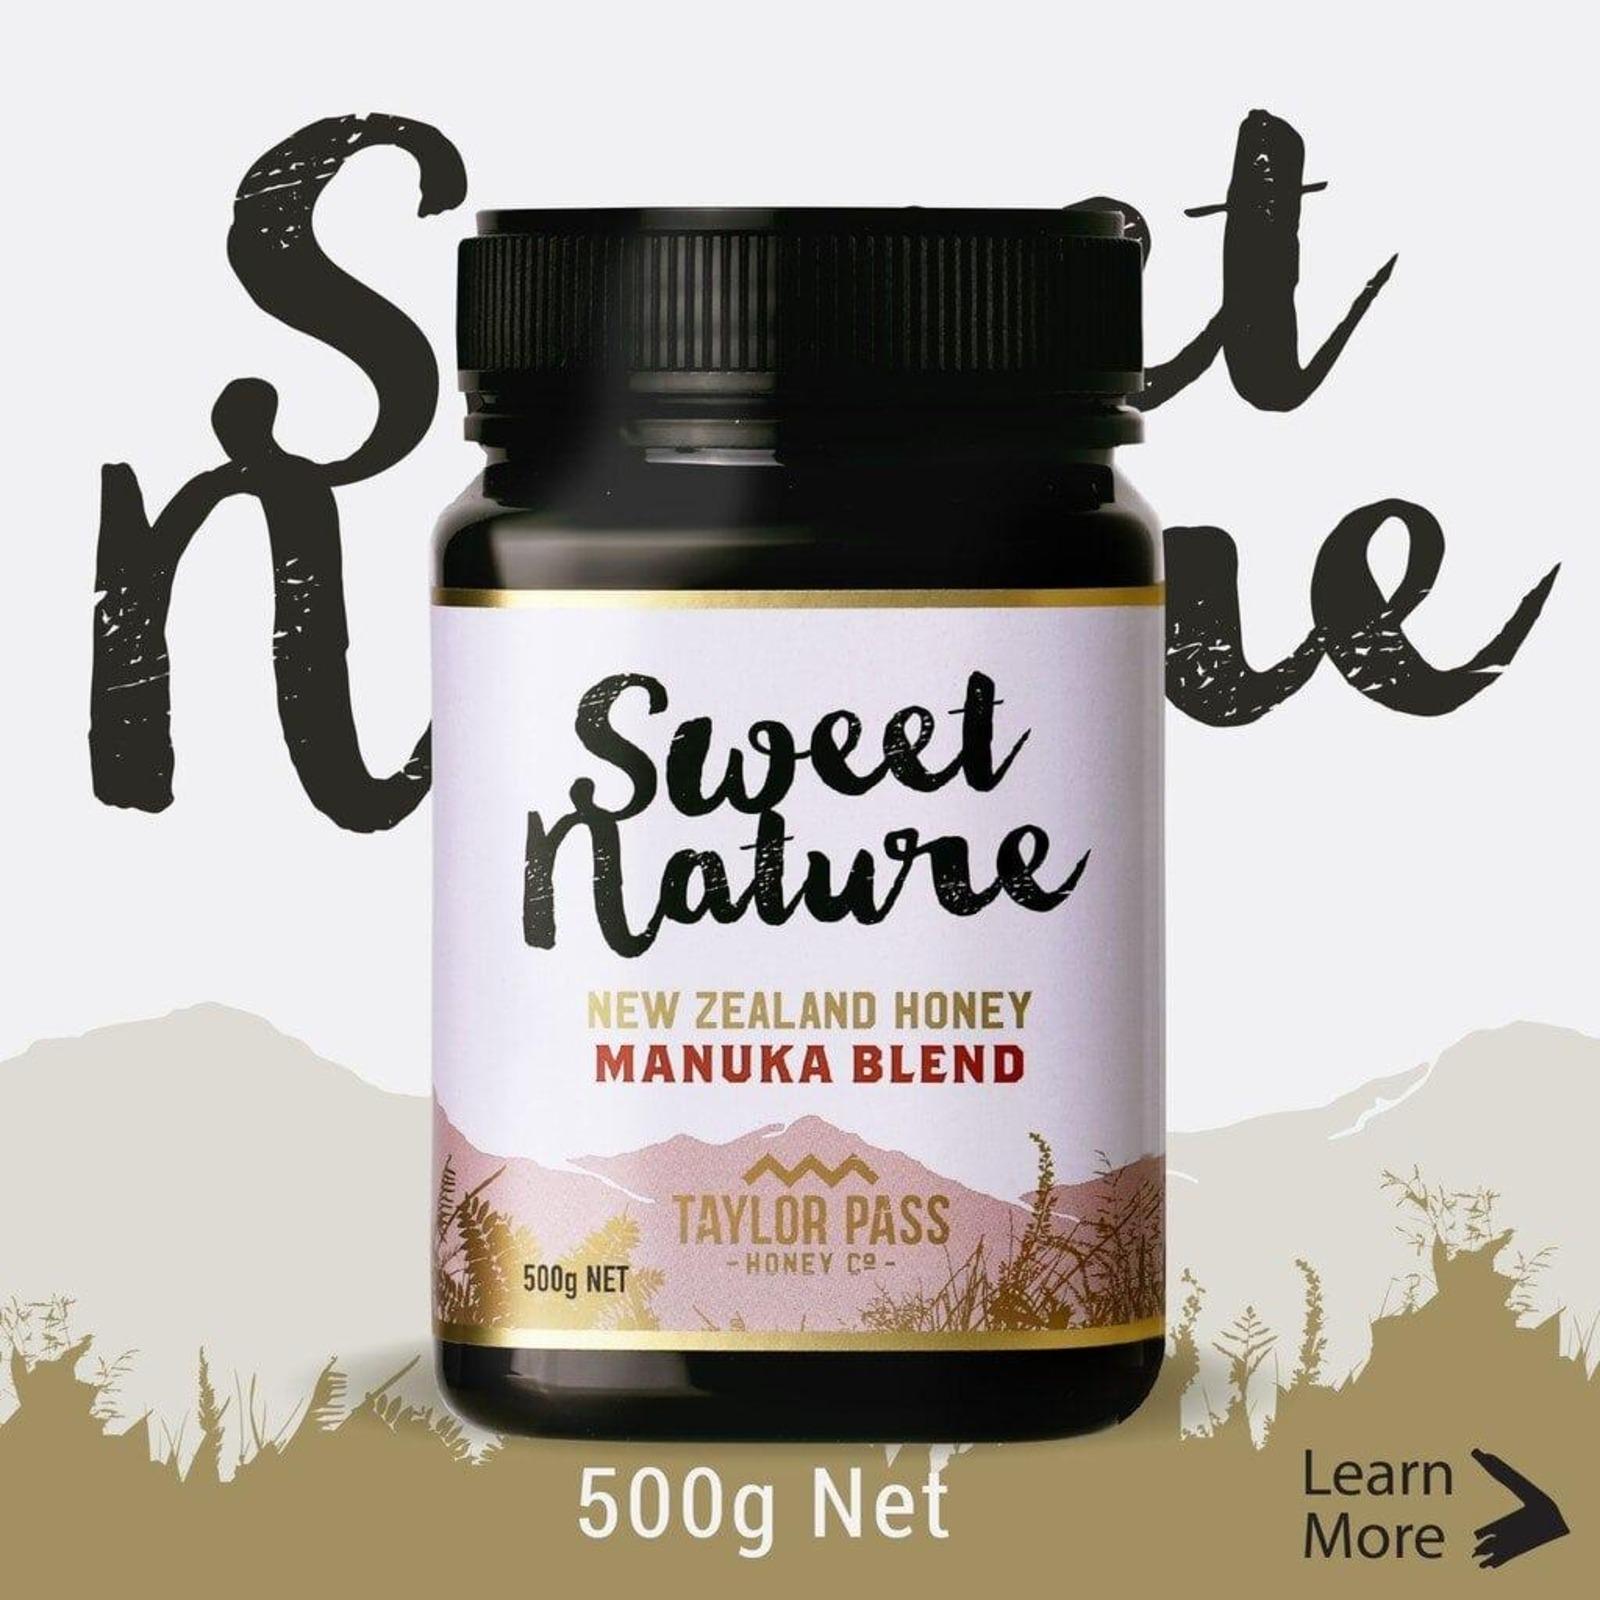 Sweet Nature Manuka Blend Honey